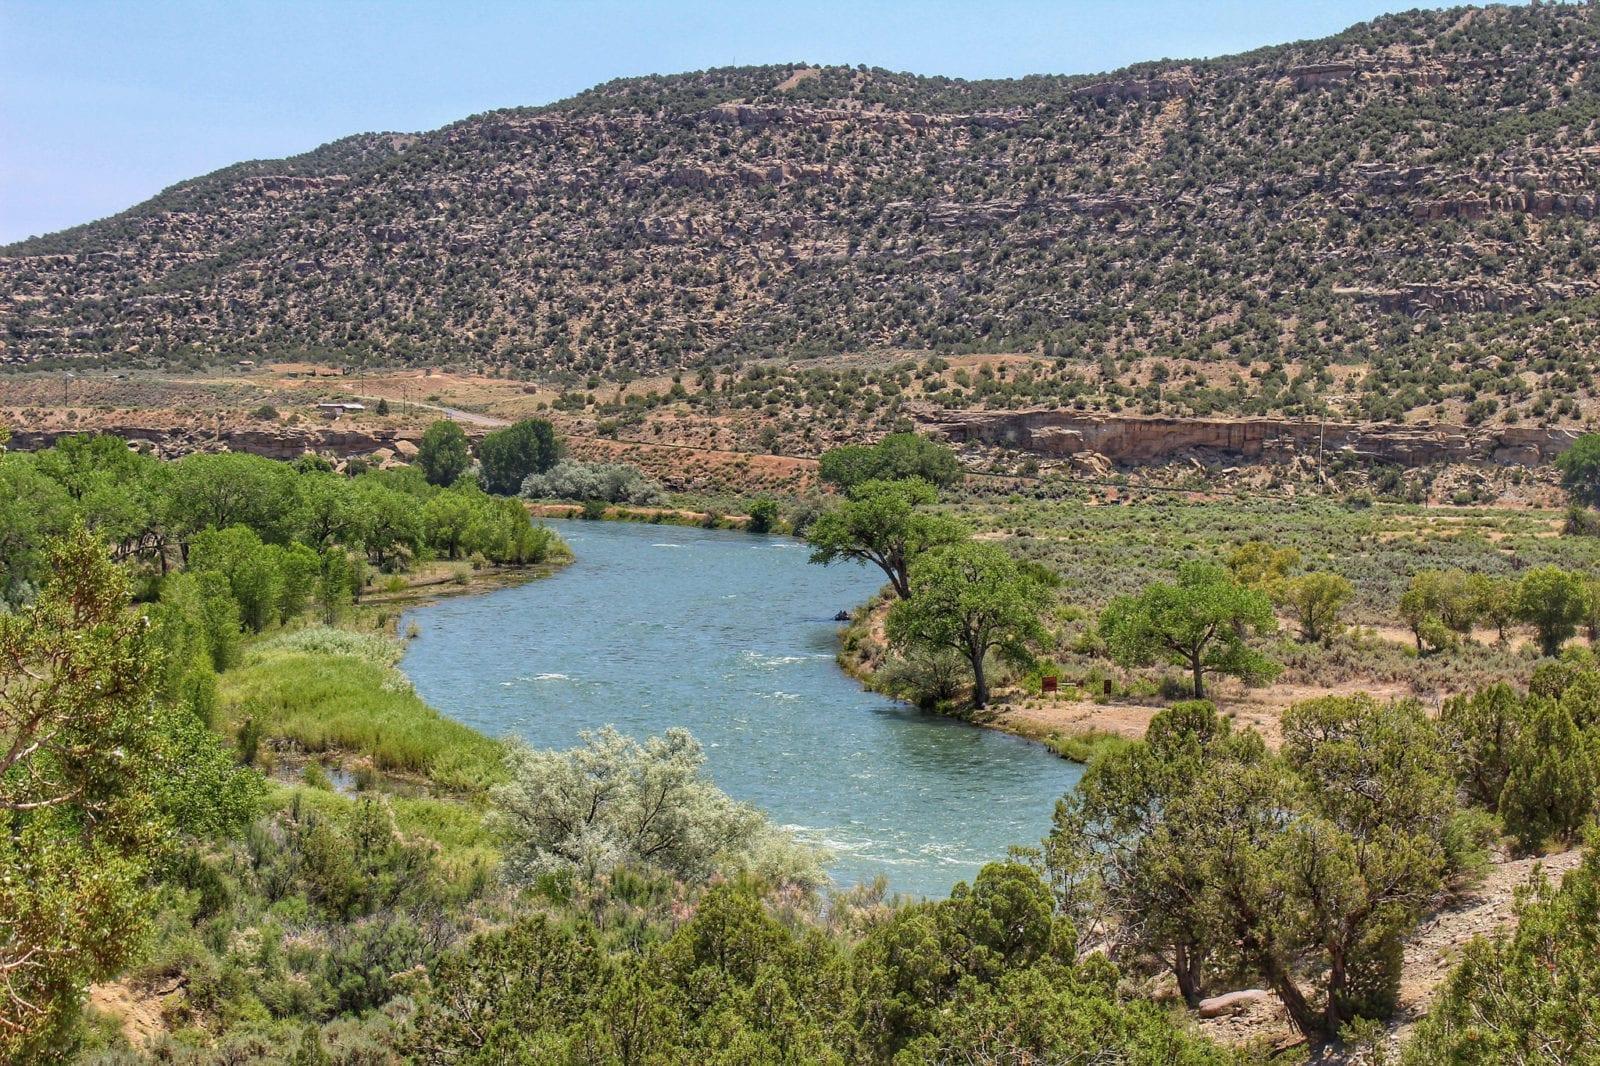 image of San Juan river at Navajo State Park